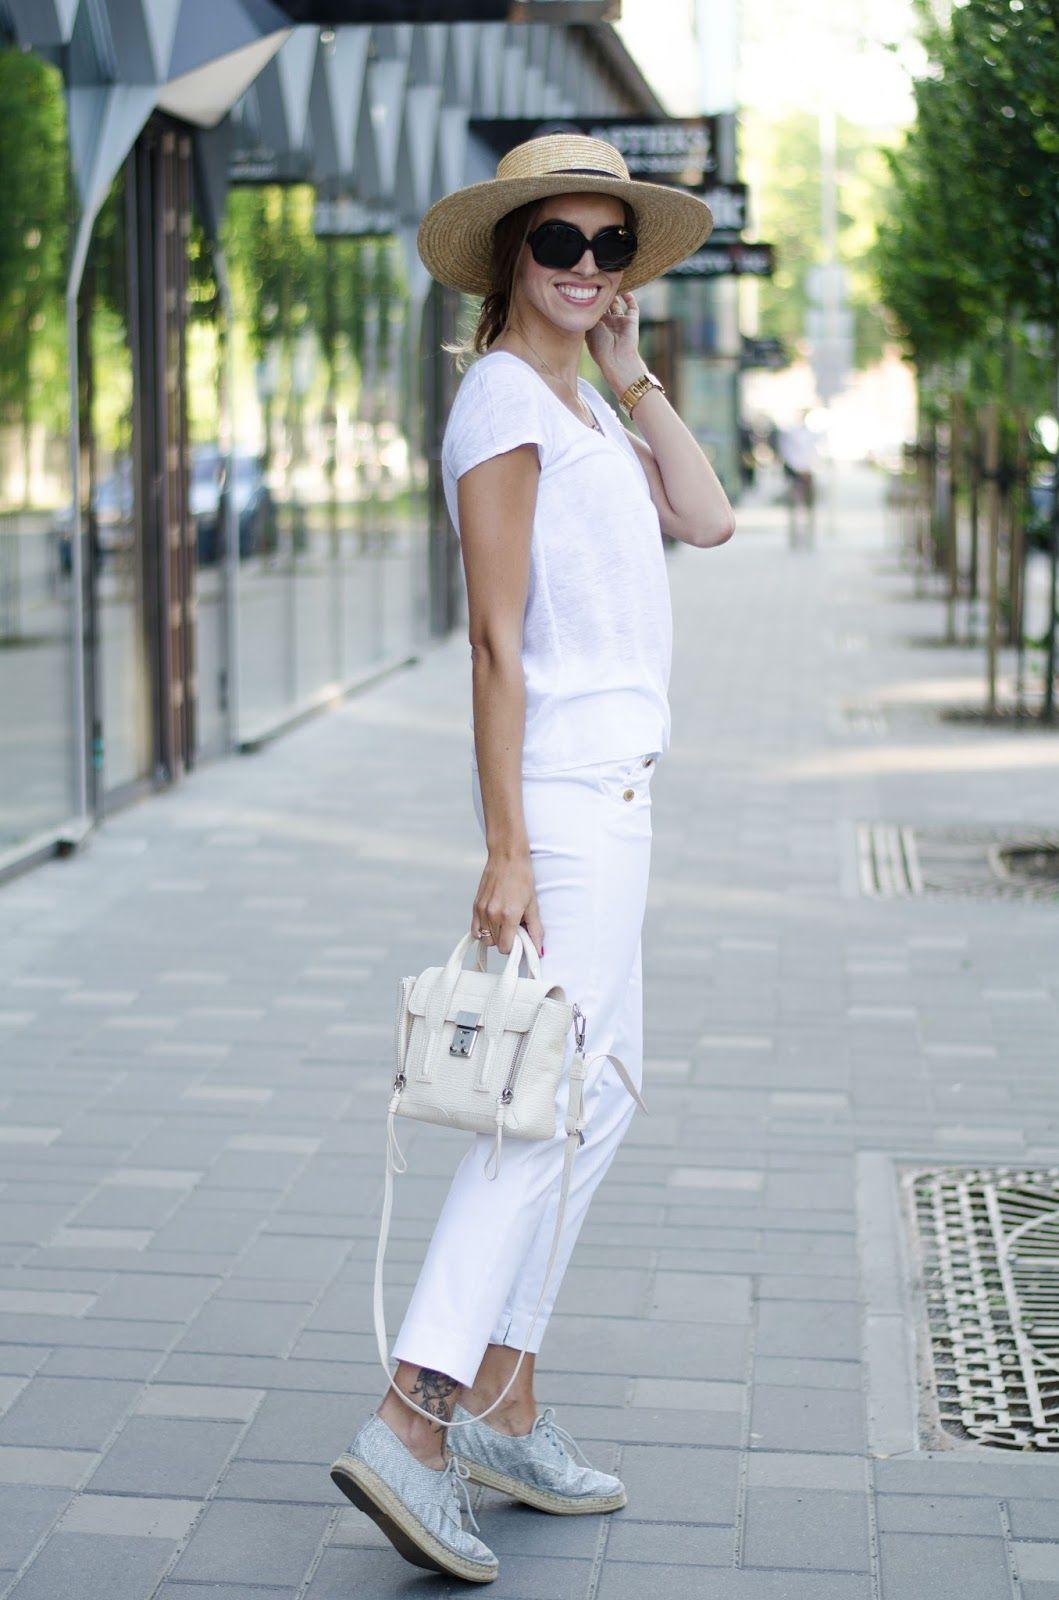 kristjaana mere 3.1 phillip lim mini pashli milk bag outfit